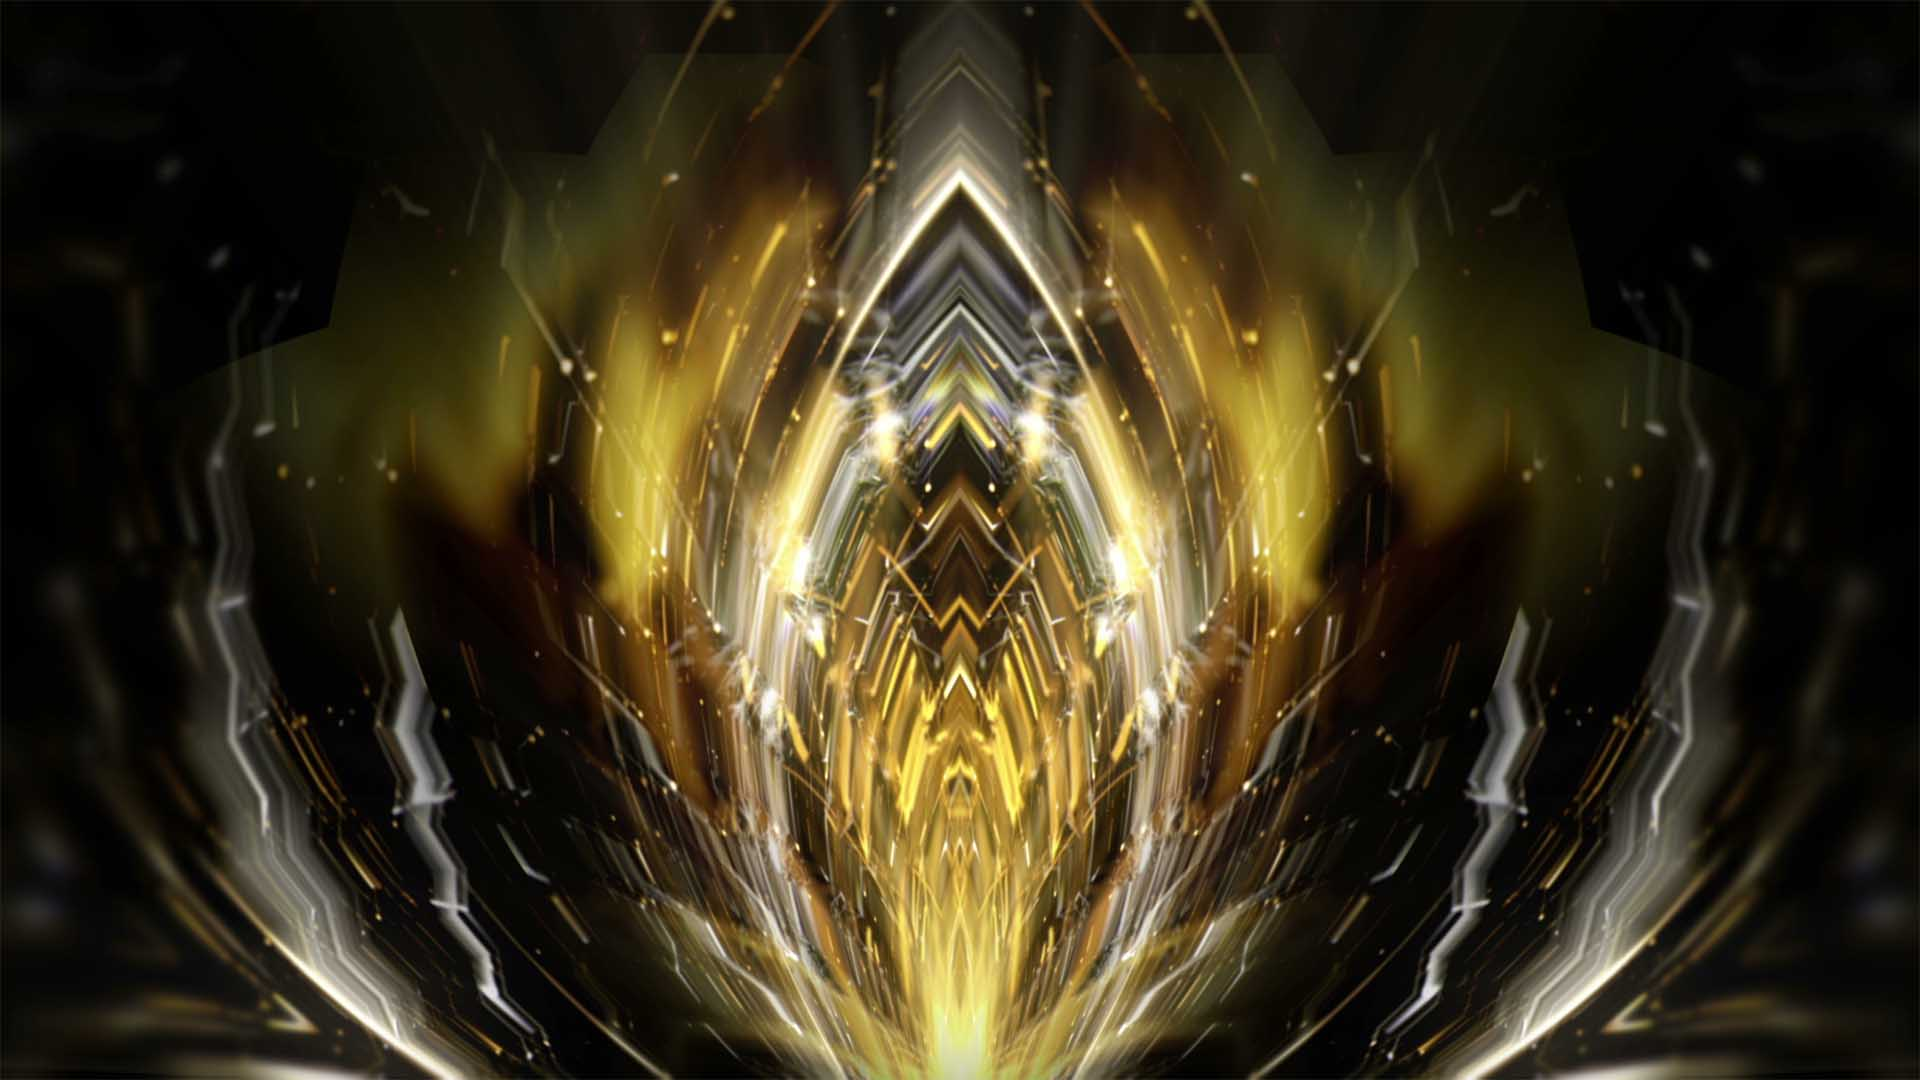 abstract vj loops